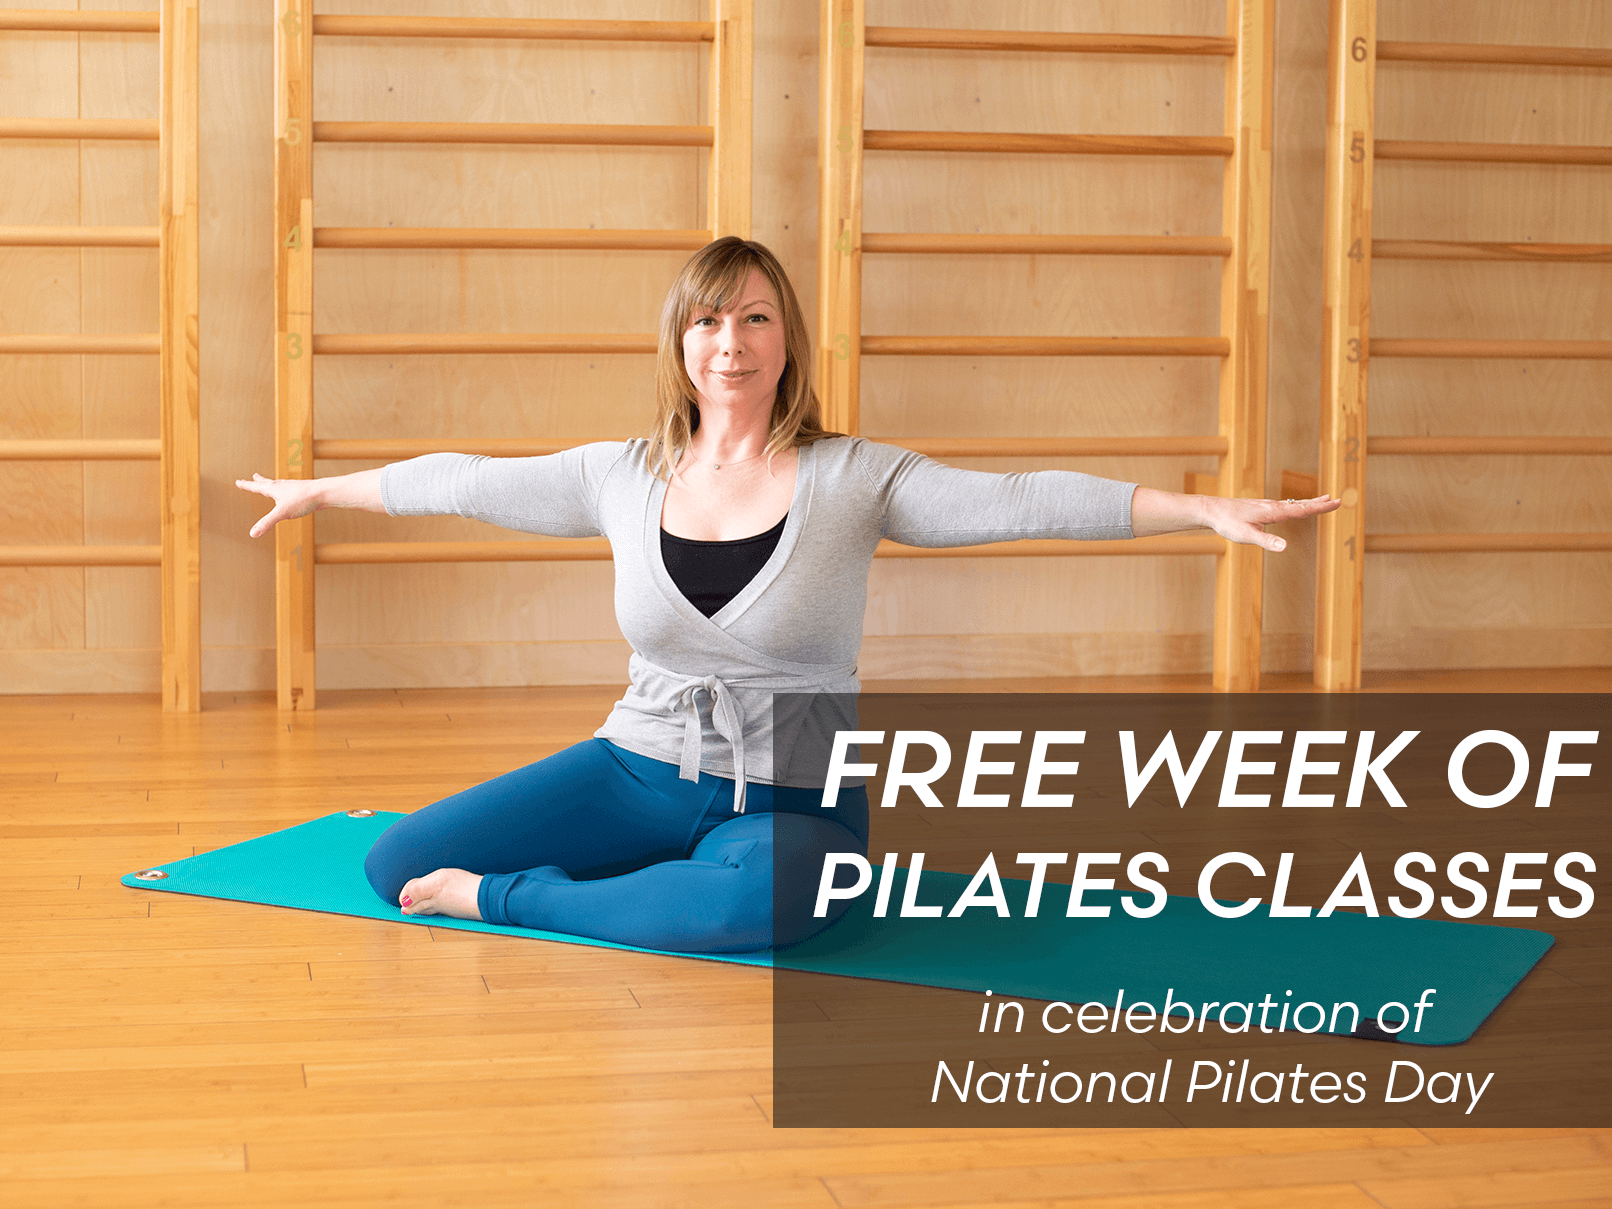 Week-Long National Pilates Day Celebration